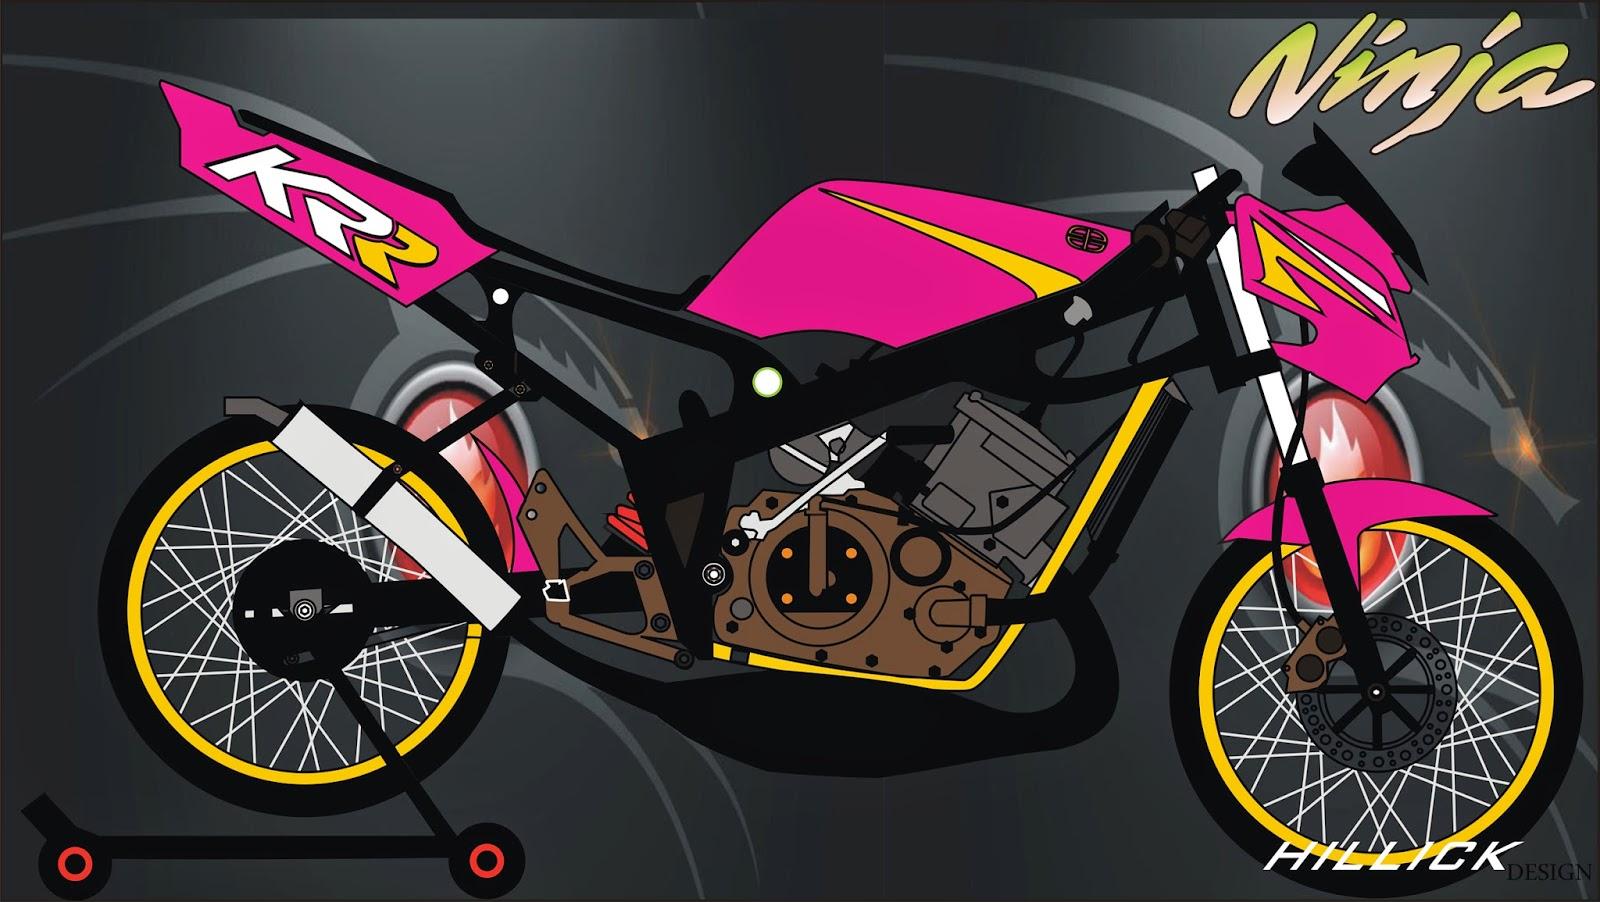 85 Gambar Motor Drag Corel Draw Terlengkap Ranting Modifikasi